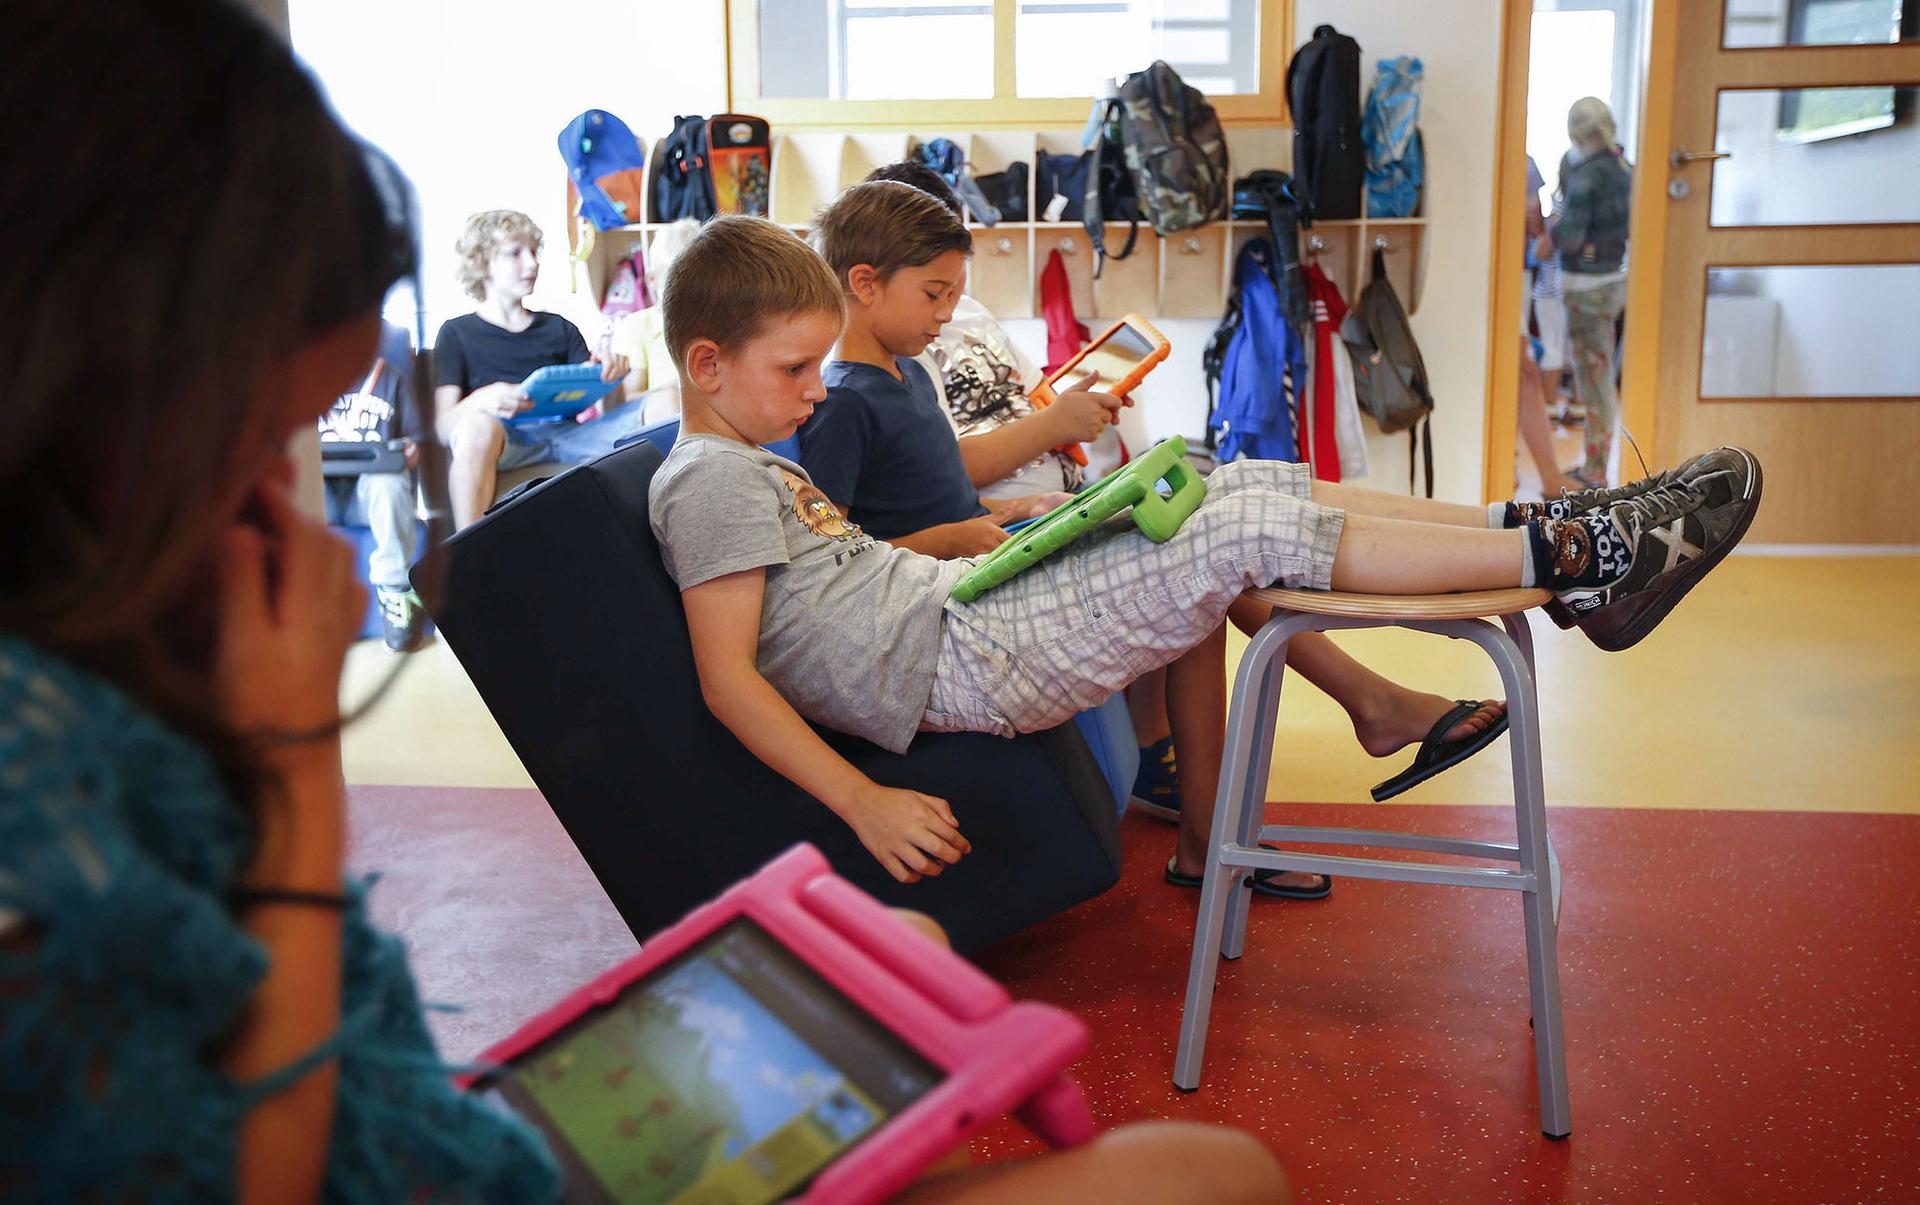 Учні молодшої школи із планшетами у перші дні навчання у місті Снек, північні Нідерланди, 21 серпня 2013 року. З 2012 року деякі школи у Нідерландах розпочалися з так званого курсу «освіта нового часу» — програми, в якій використання iPad грає важливу роль. Діти навчаються, граючи, отримуючи навички, які будуть корисні для них у майбутньому